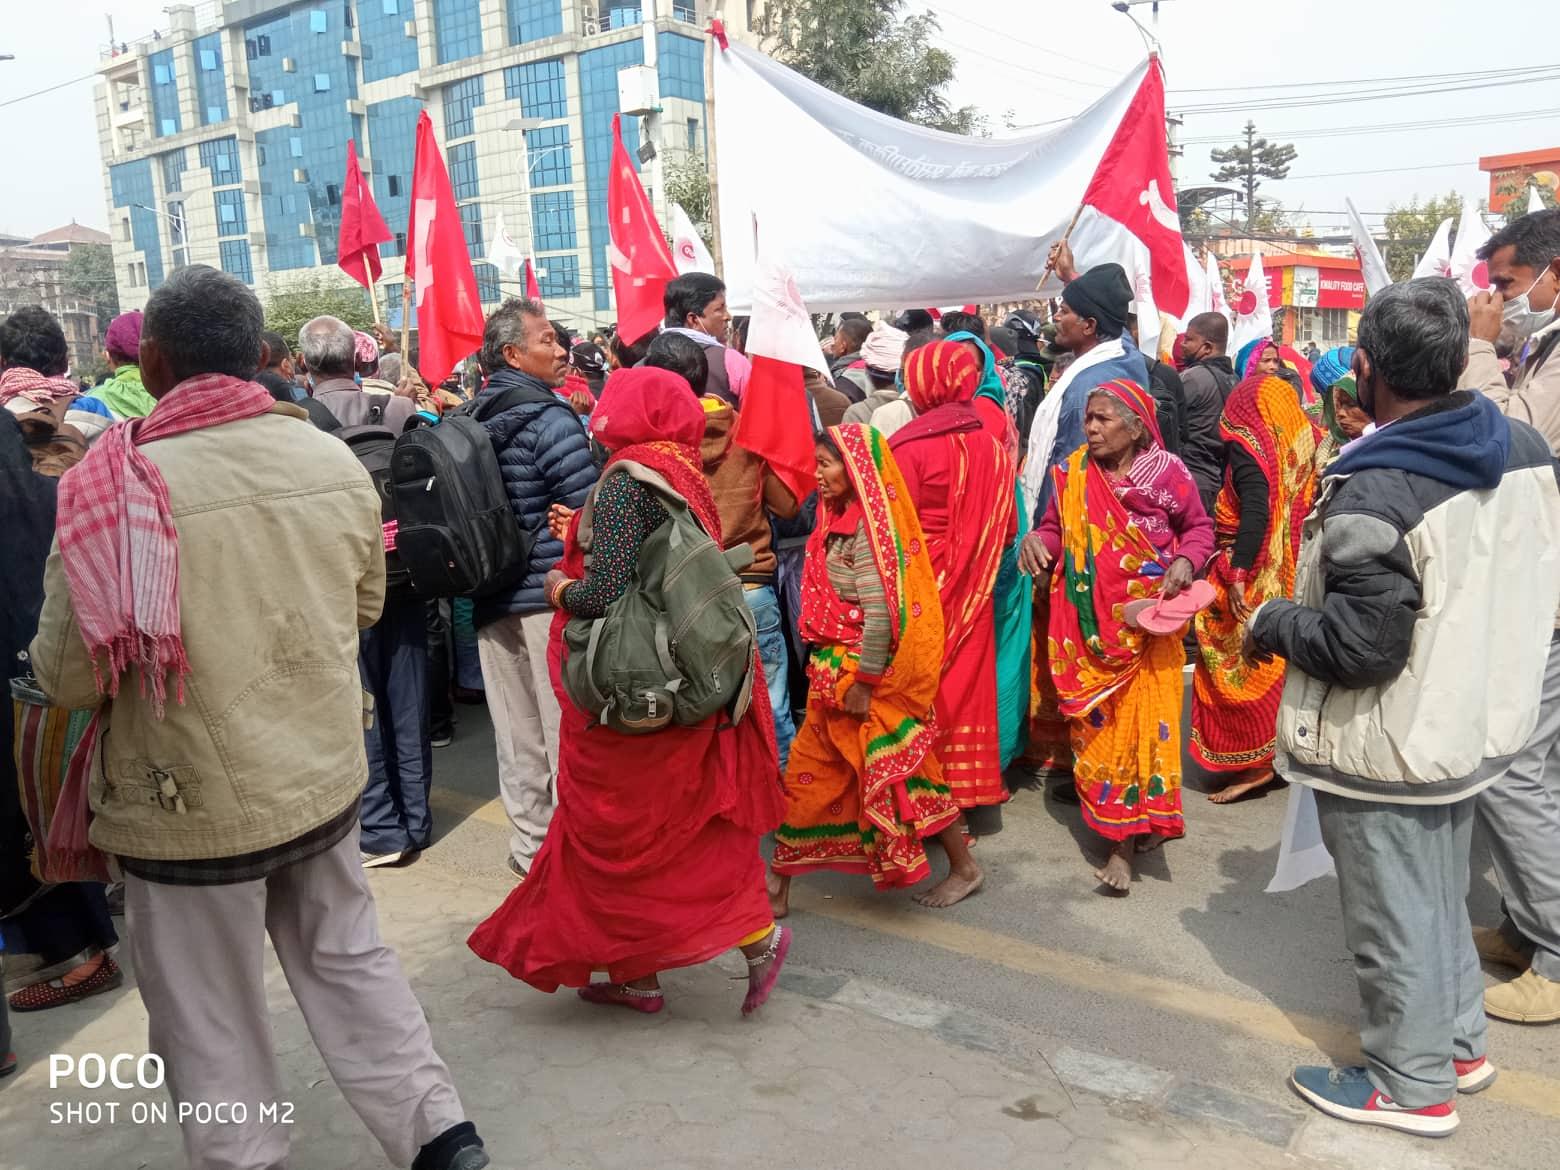 नेकपा  (प्रचण्ड–नेपाल) समूहको आमसभामा सर्वसाधारण खाली खुट्टा सडकमा